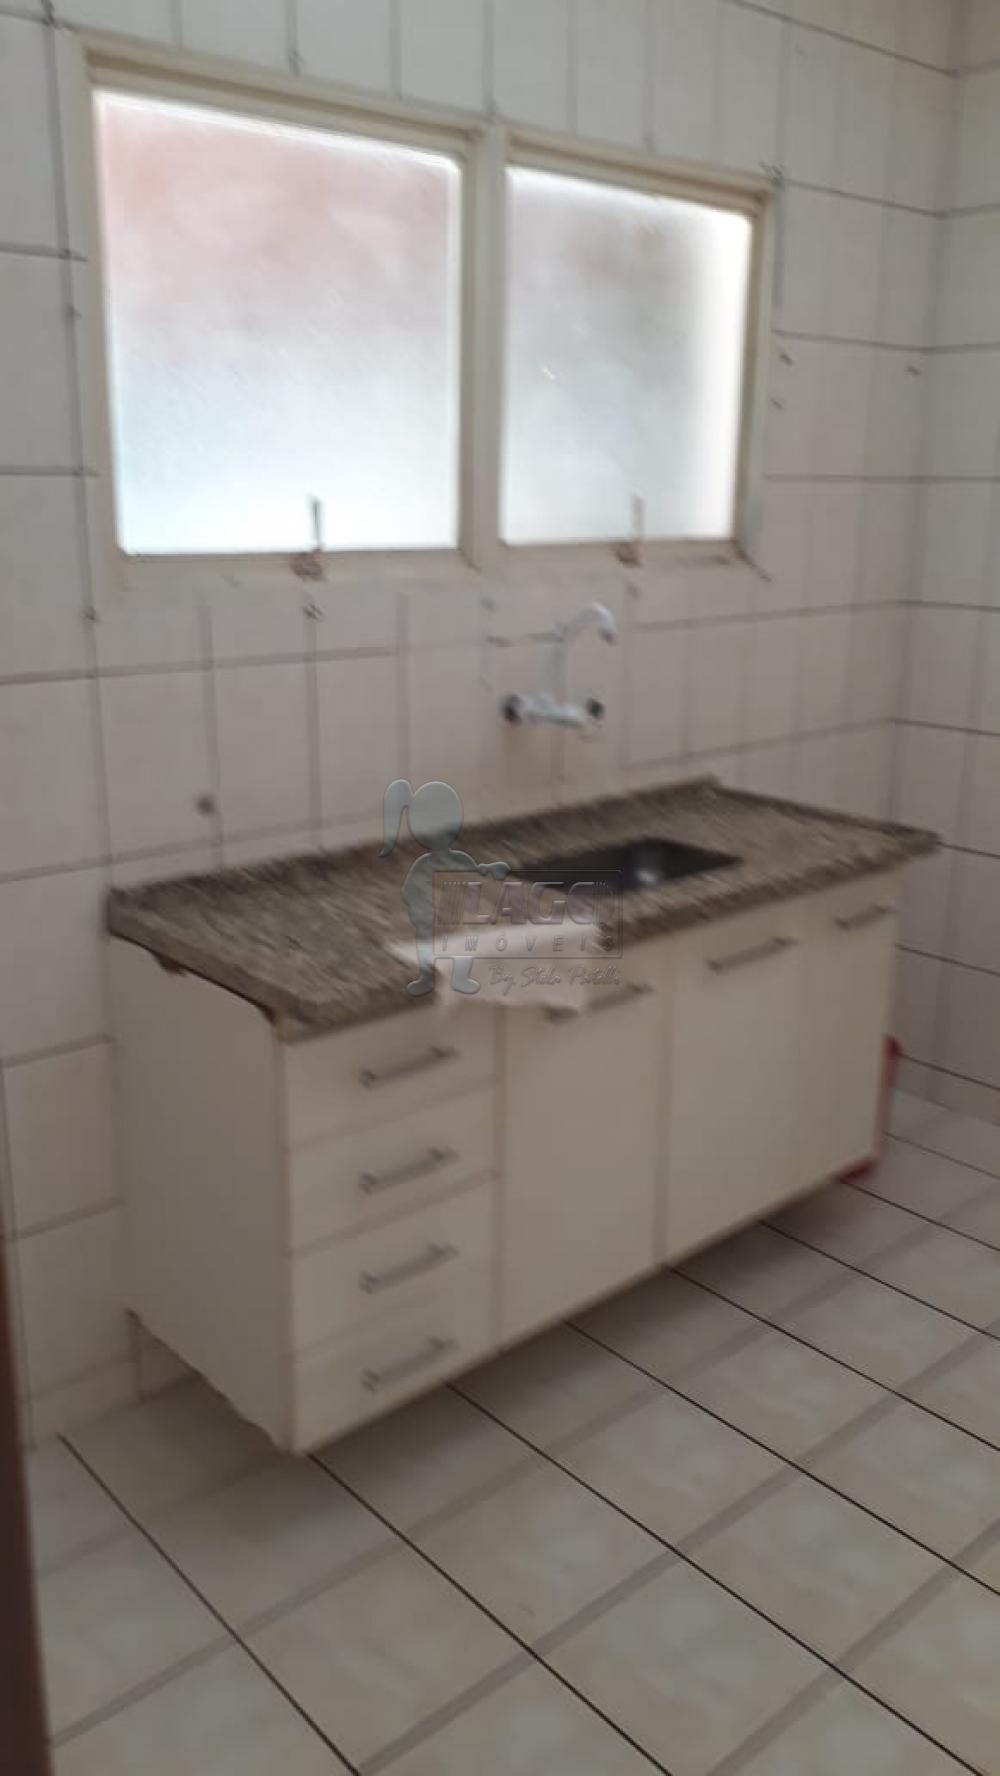 Alugar Casas / Condomínio em Ribeirão Preto apenas R$ 1.415,00 - Foto 4